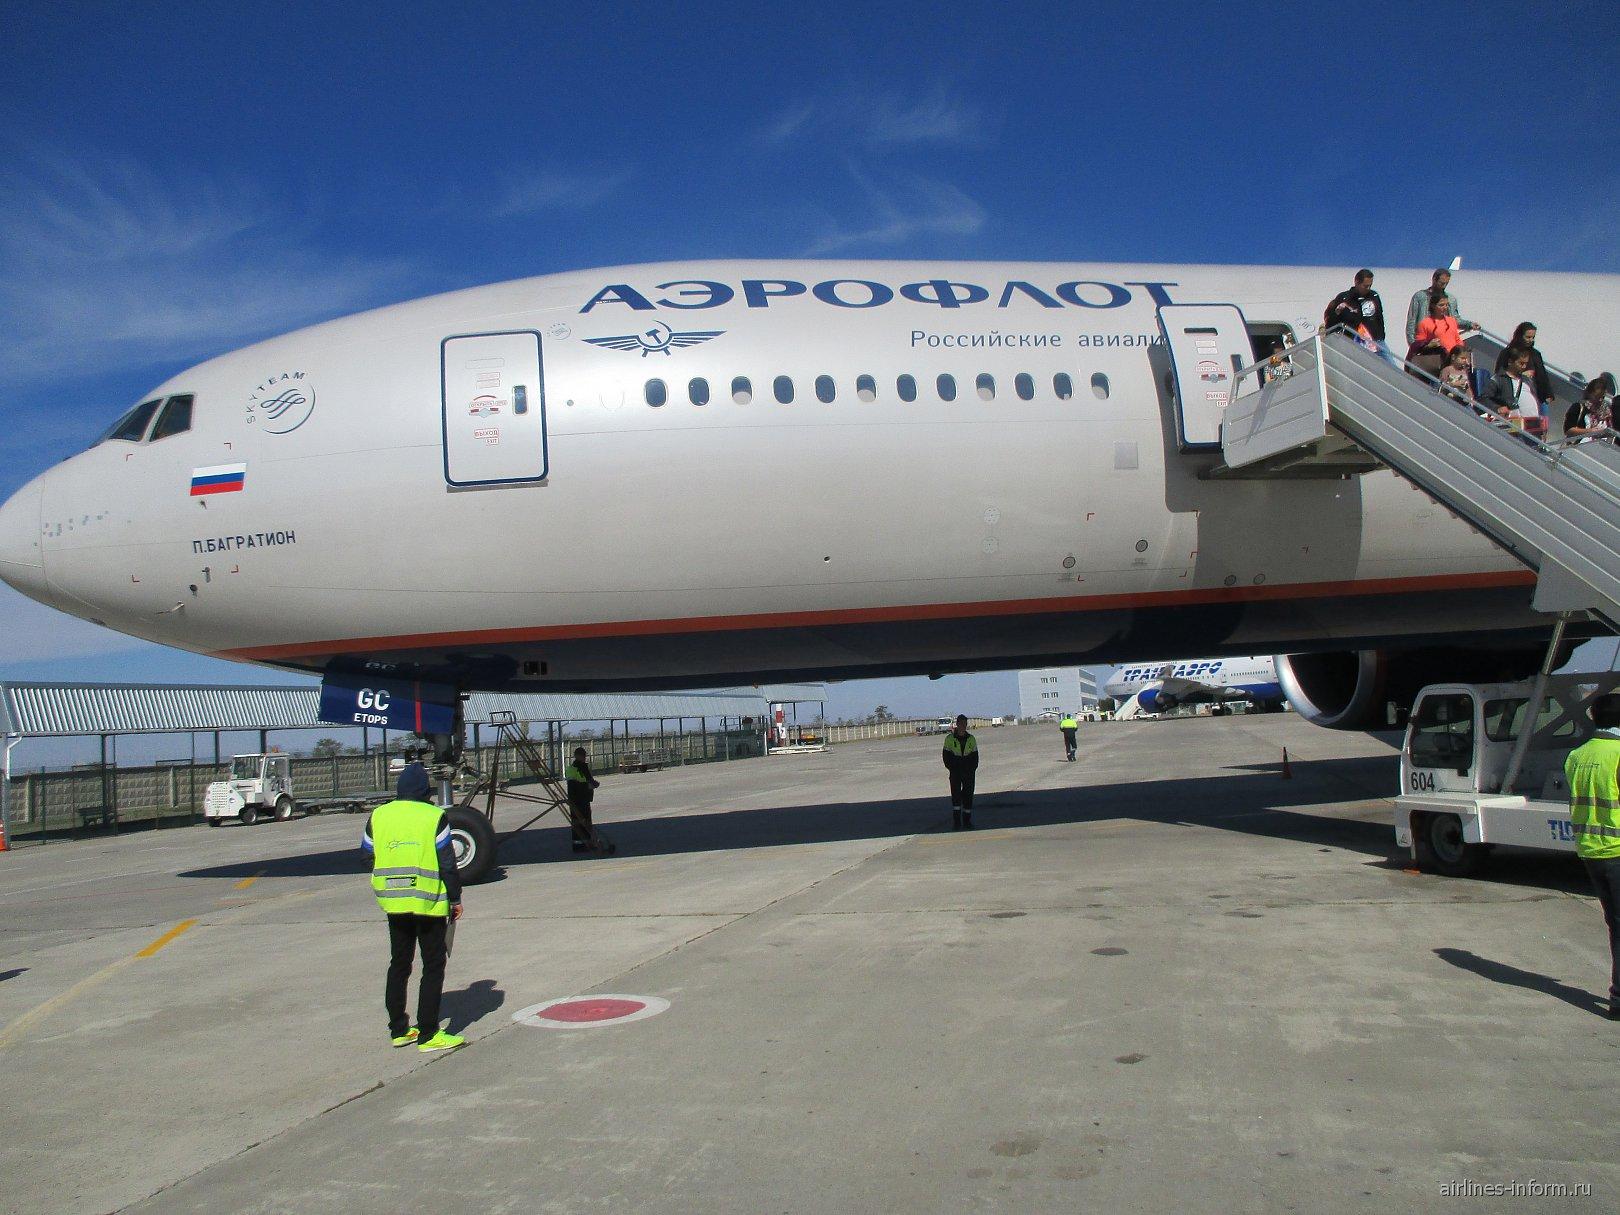 Москва-Симферополь на Боинг 777-300er Аэрофлот